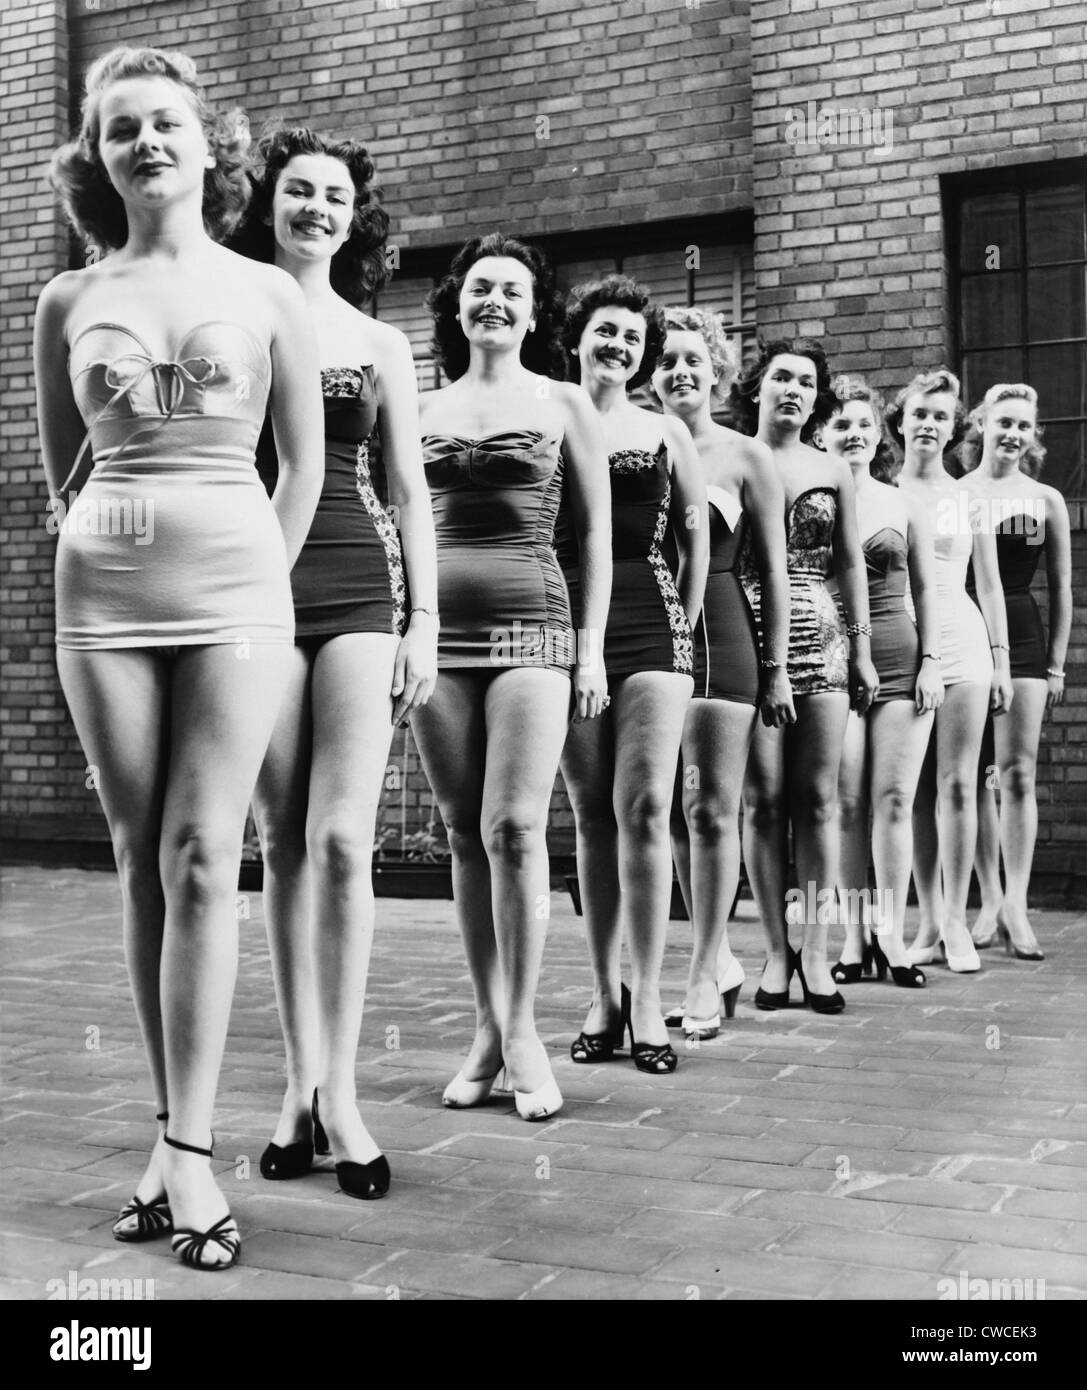 Miss New York beauty contestants line jusqu'au sommet d'un hôtel de ville en 1952. Photo Stock